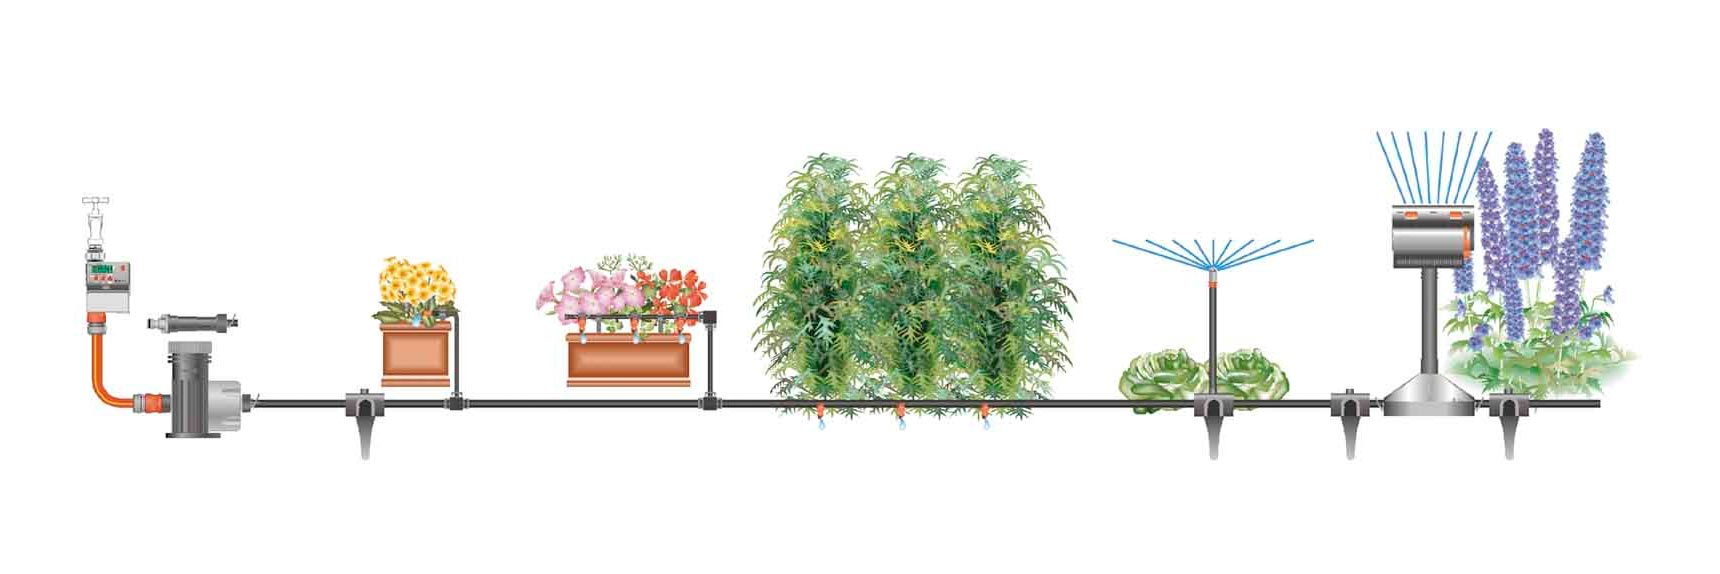 Arrosage Pour Plantes En Pot choisir son système d'arrosage de vacances pour balcons